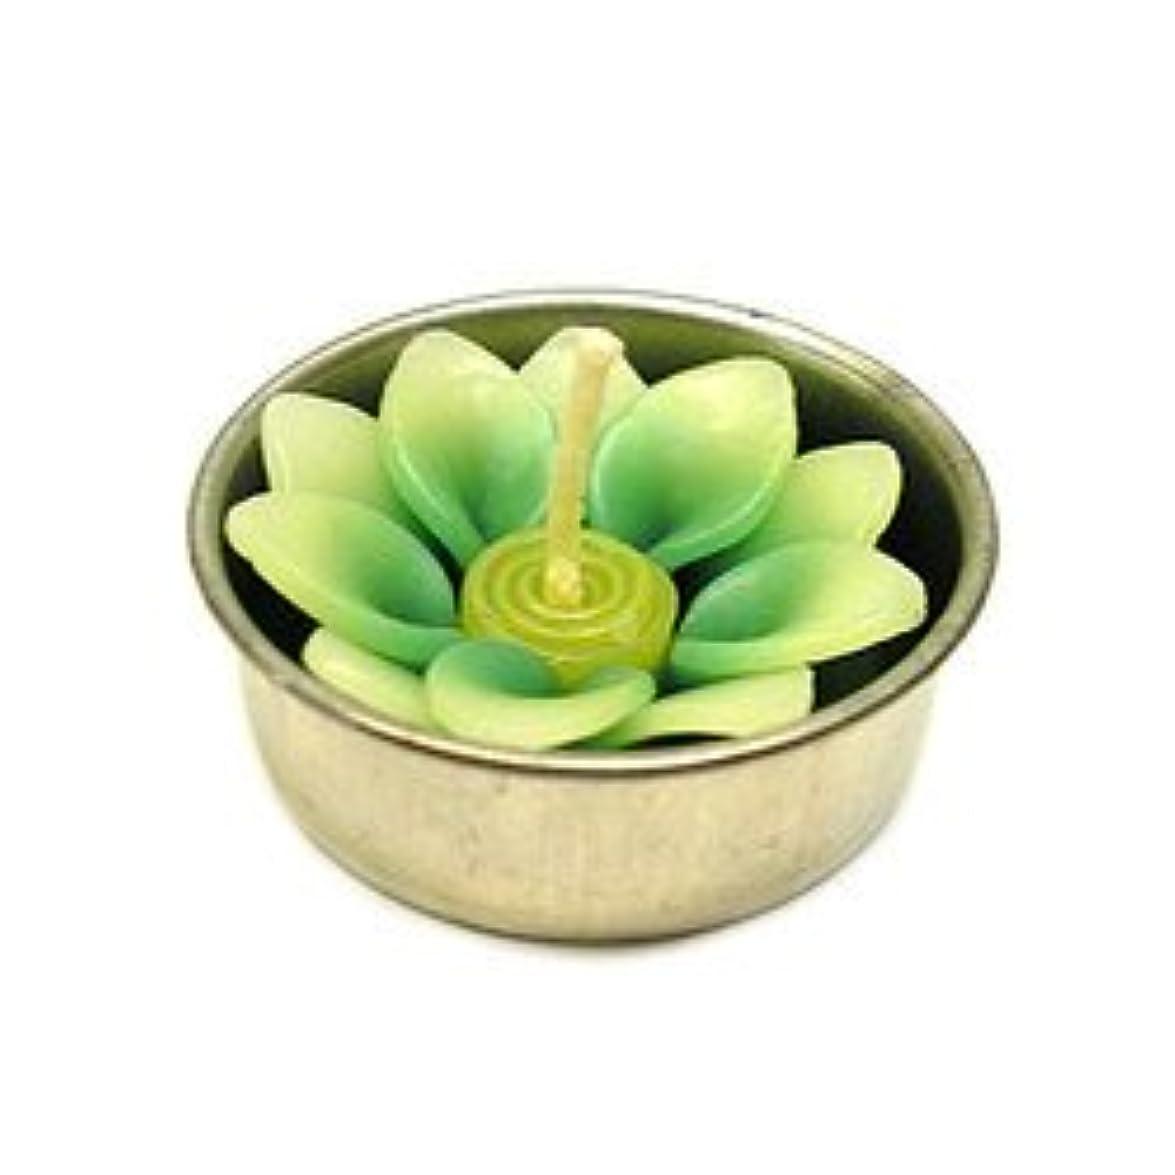 メイエラ美的短命アロマキャンドル  ミニ ロータス グリーン 鉄の器入り 器直径4cm アジアン雑貨